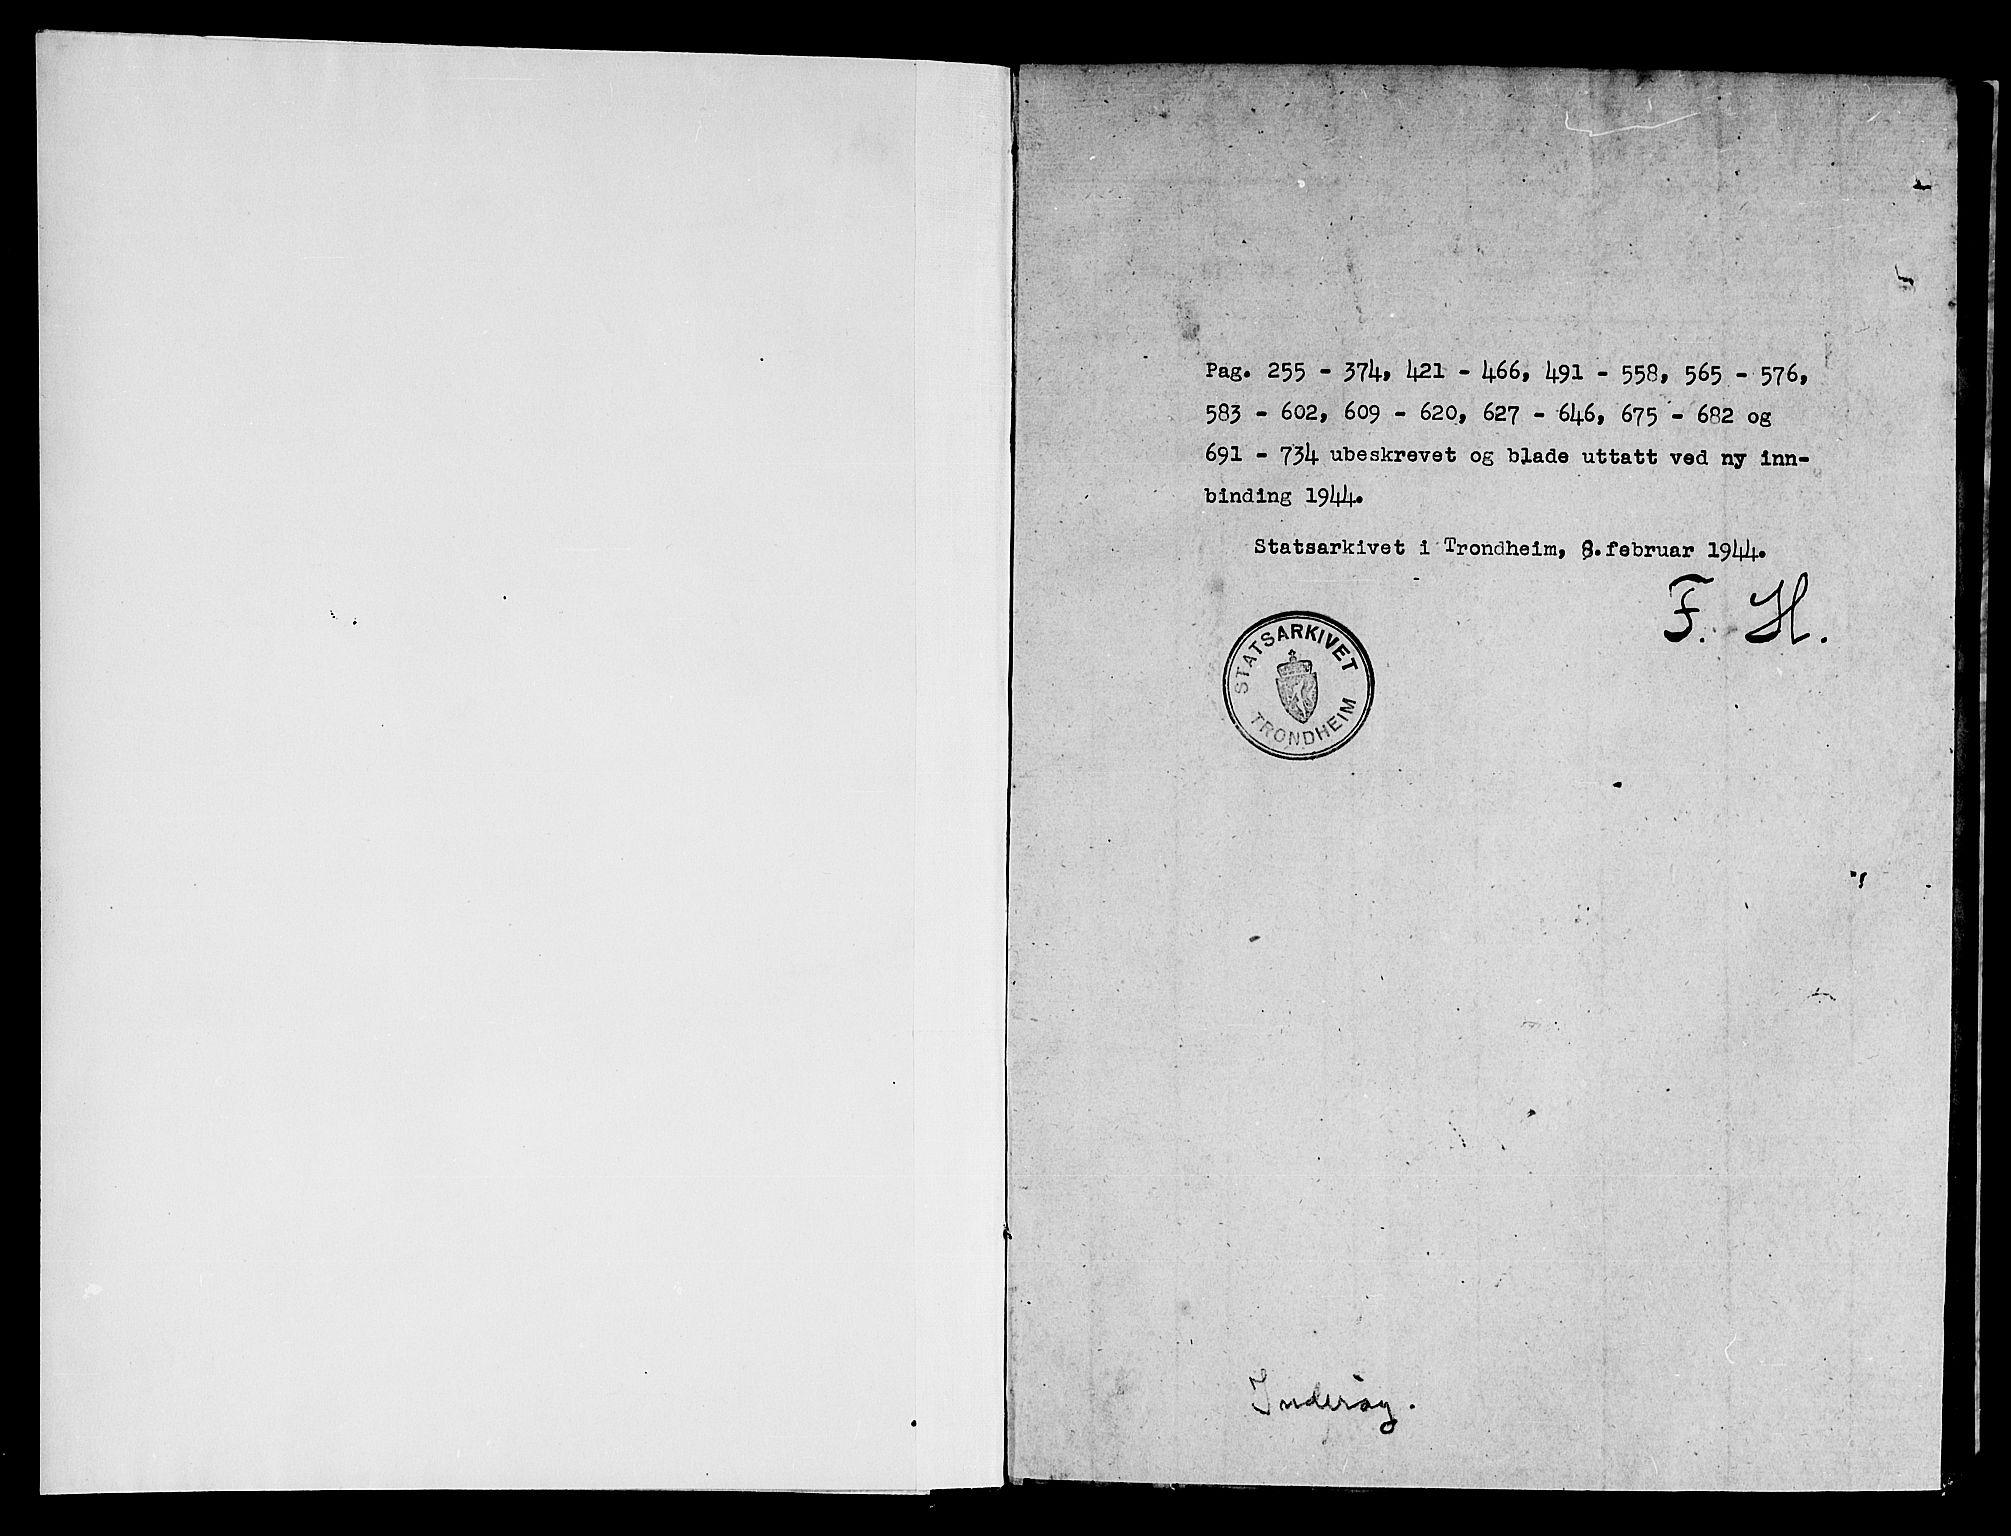 SAT, Ministerialprotokoller, klokkerbøker og fødselsregistre - Nord-Trøndelag, 732/L0317: Klokkerbok nr. 732C01, 1816-1881